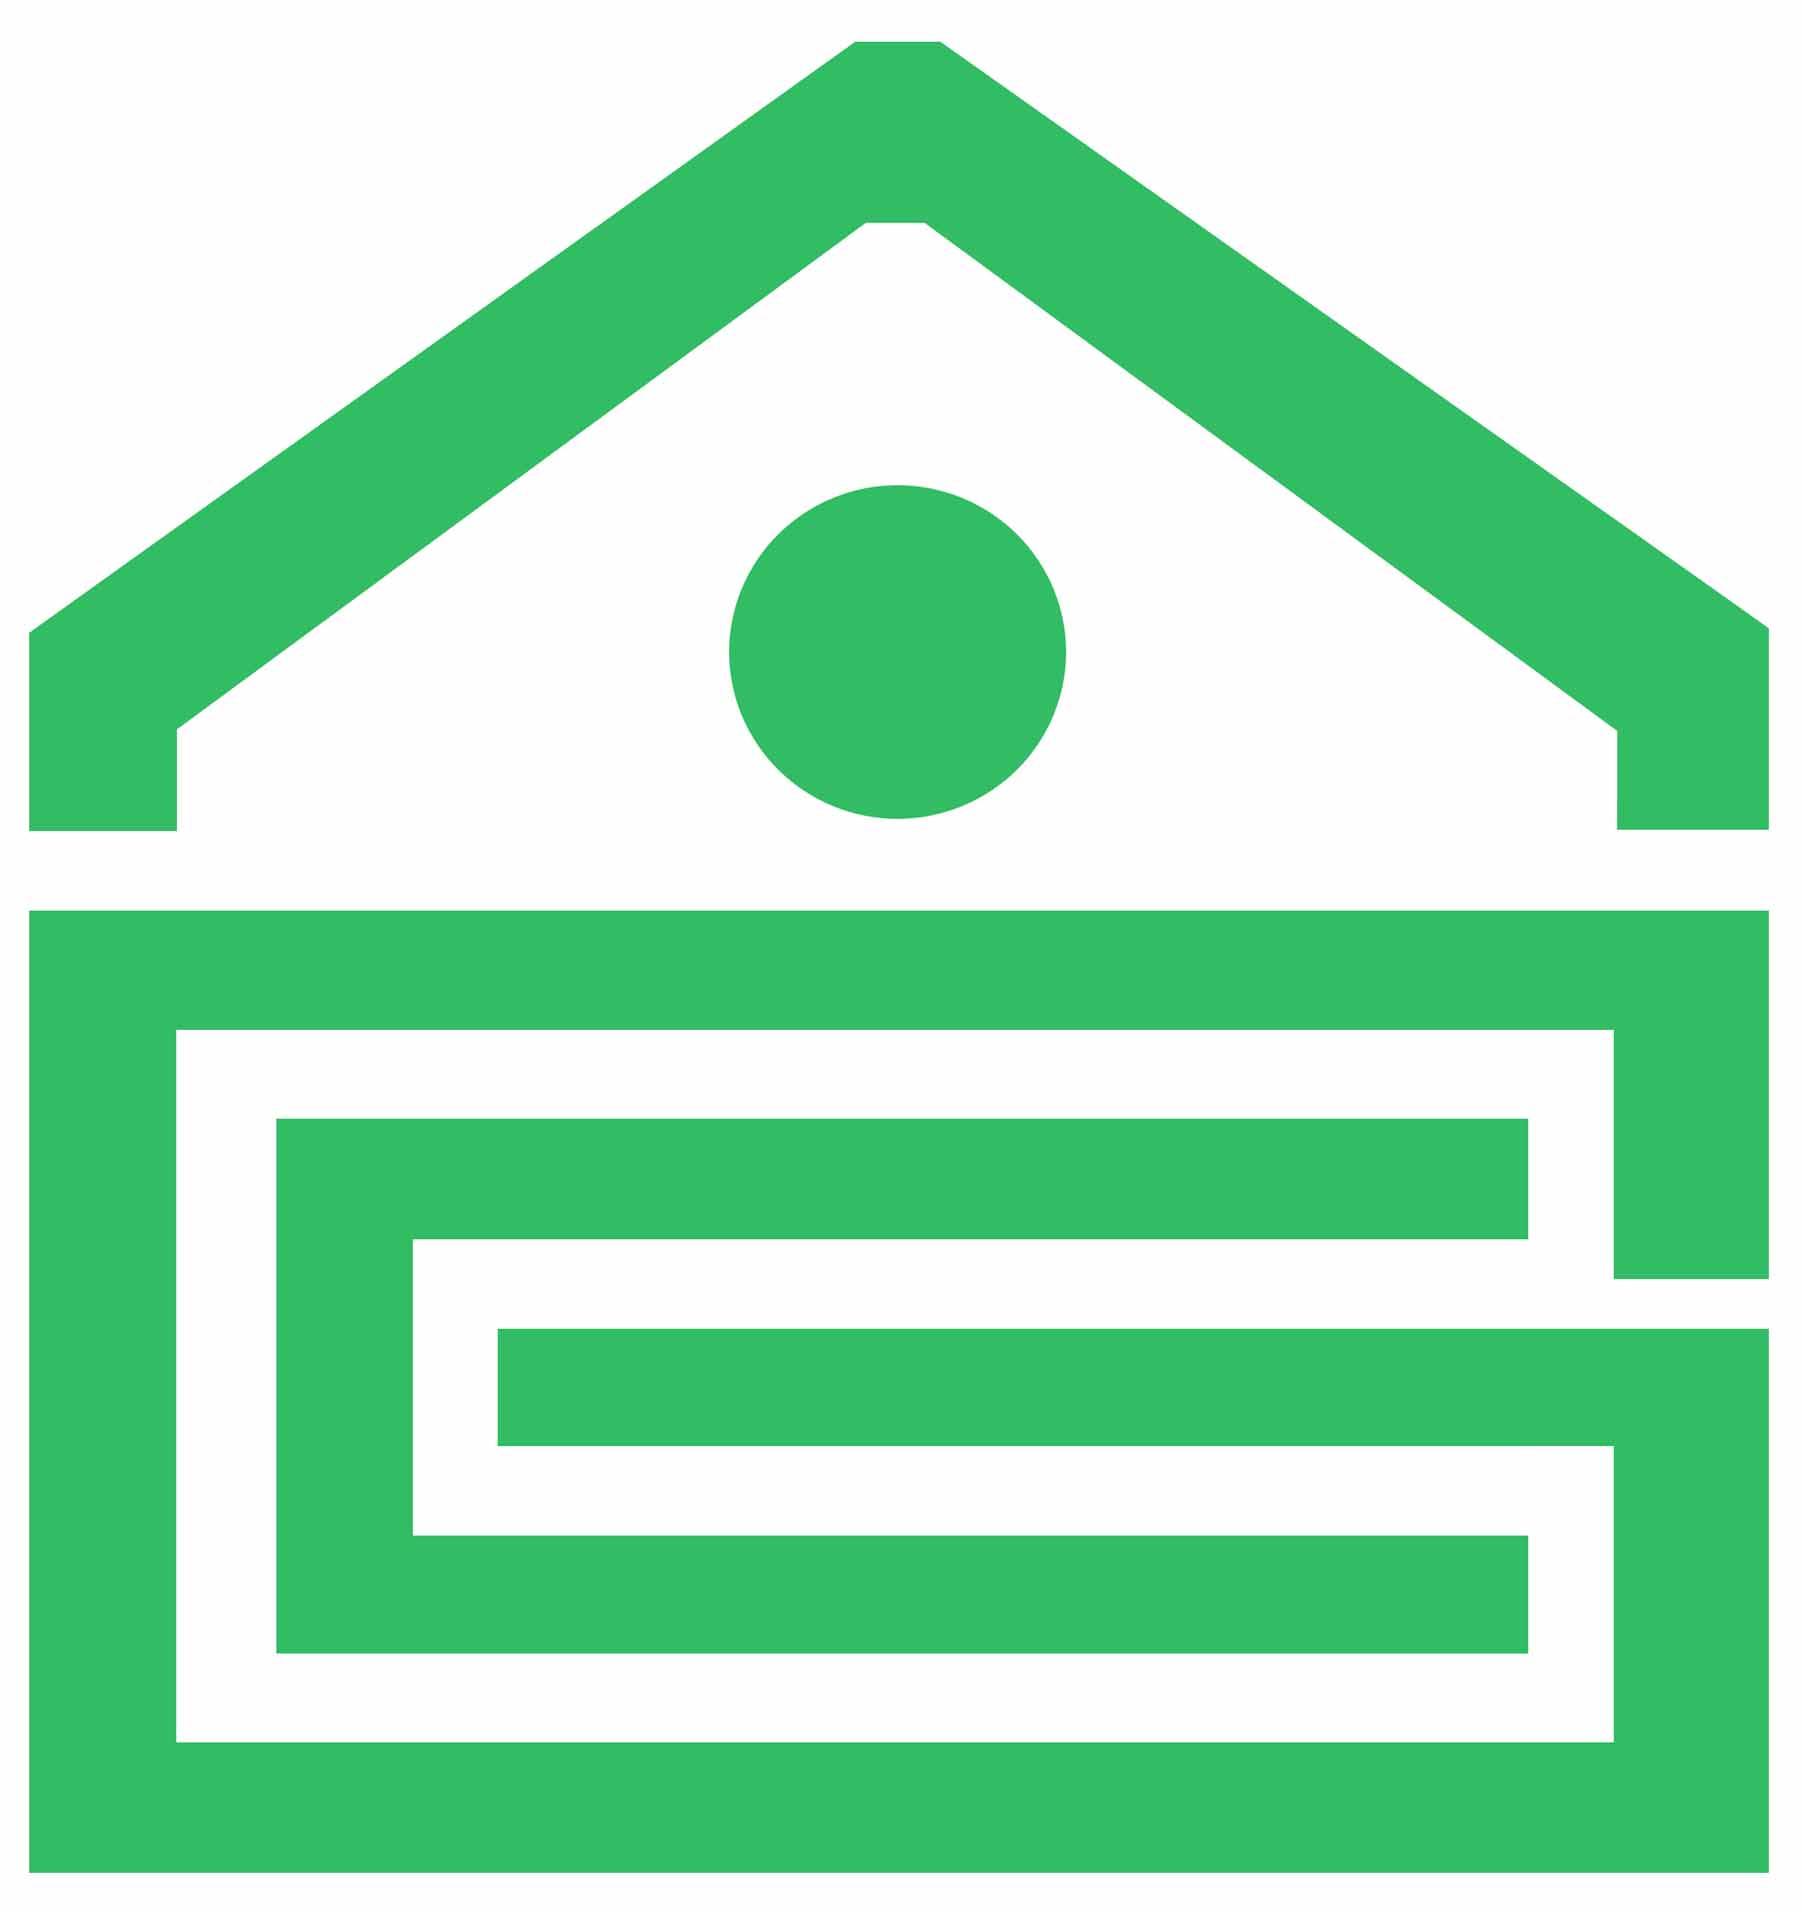 人民银行建筑矢量图